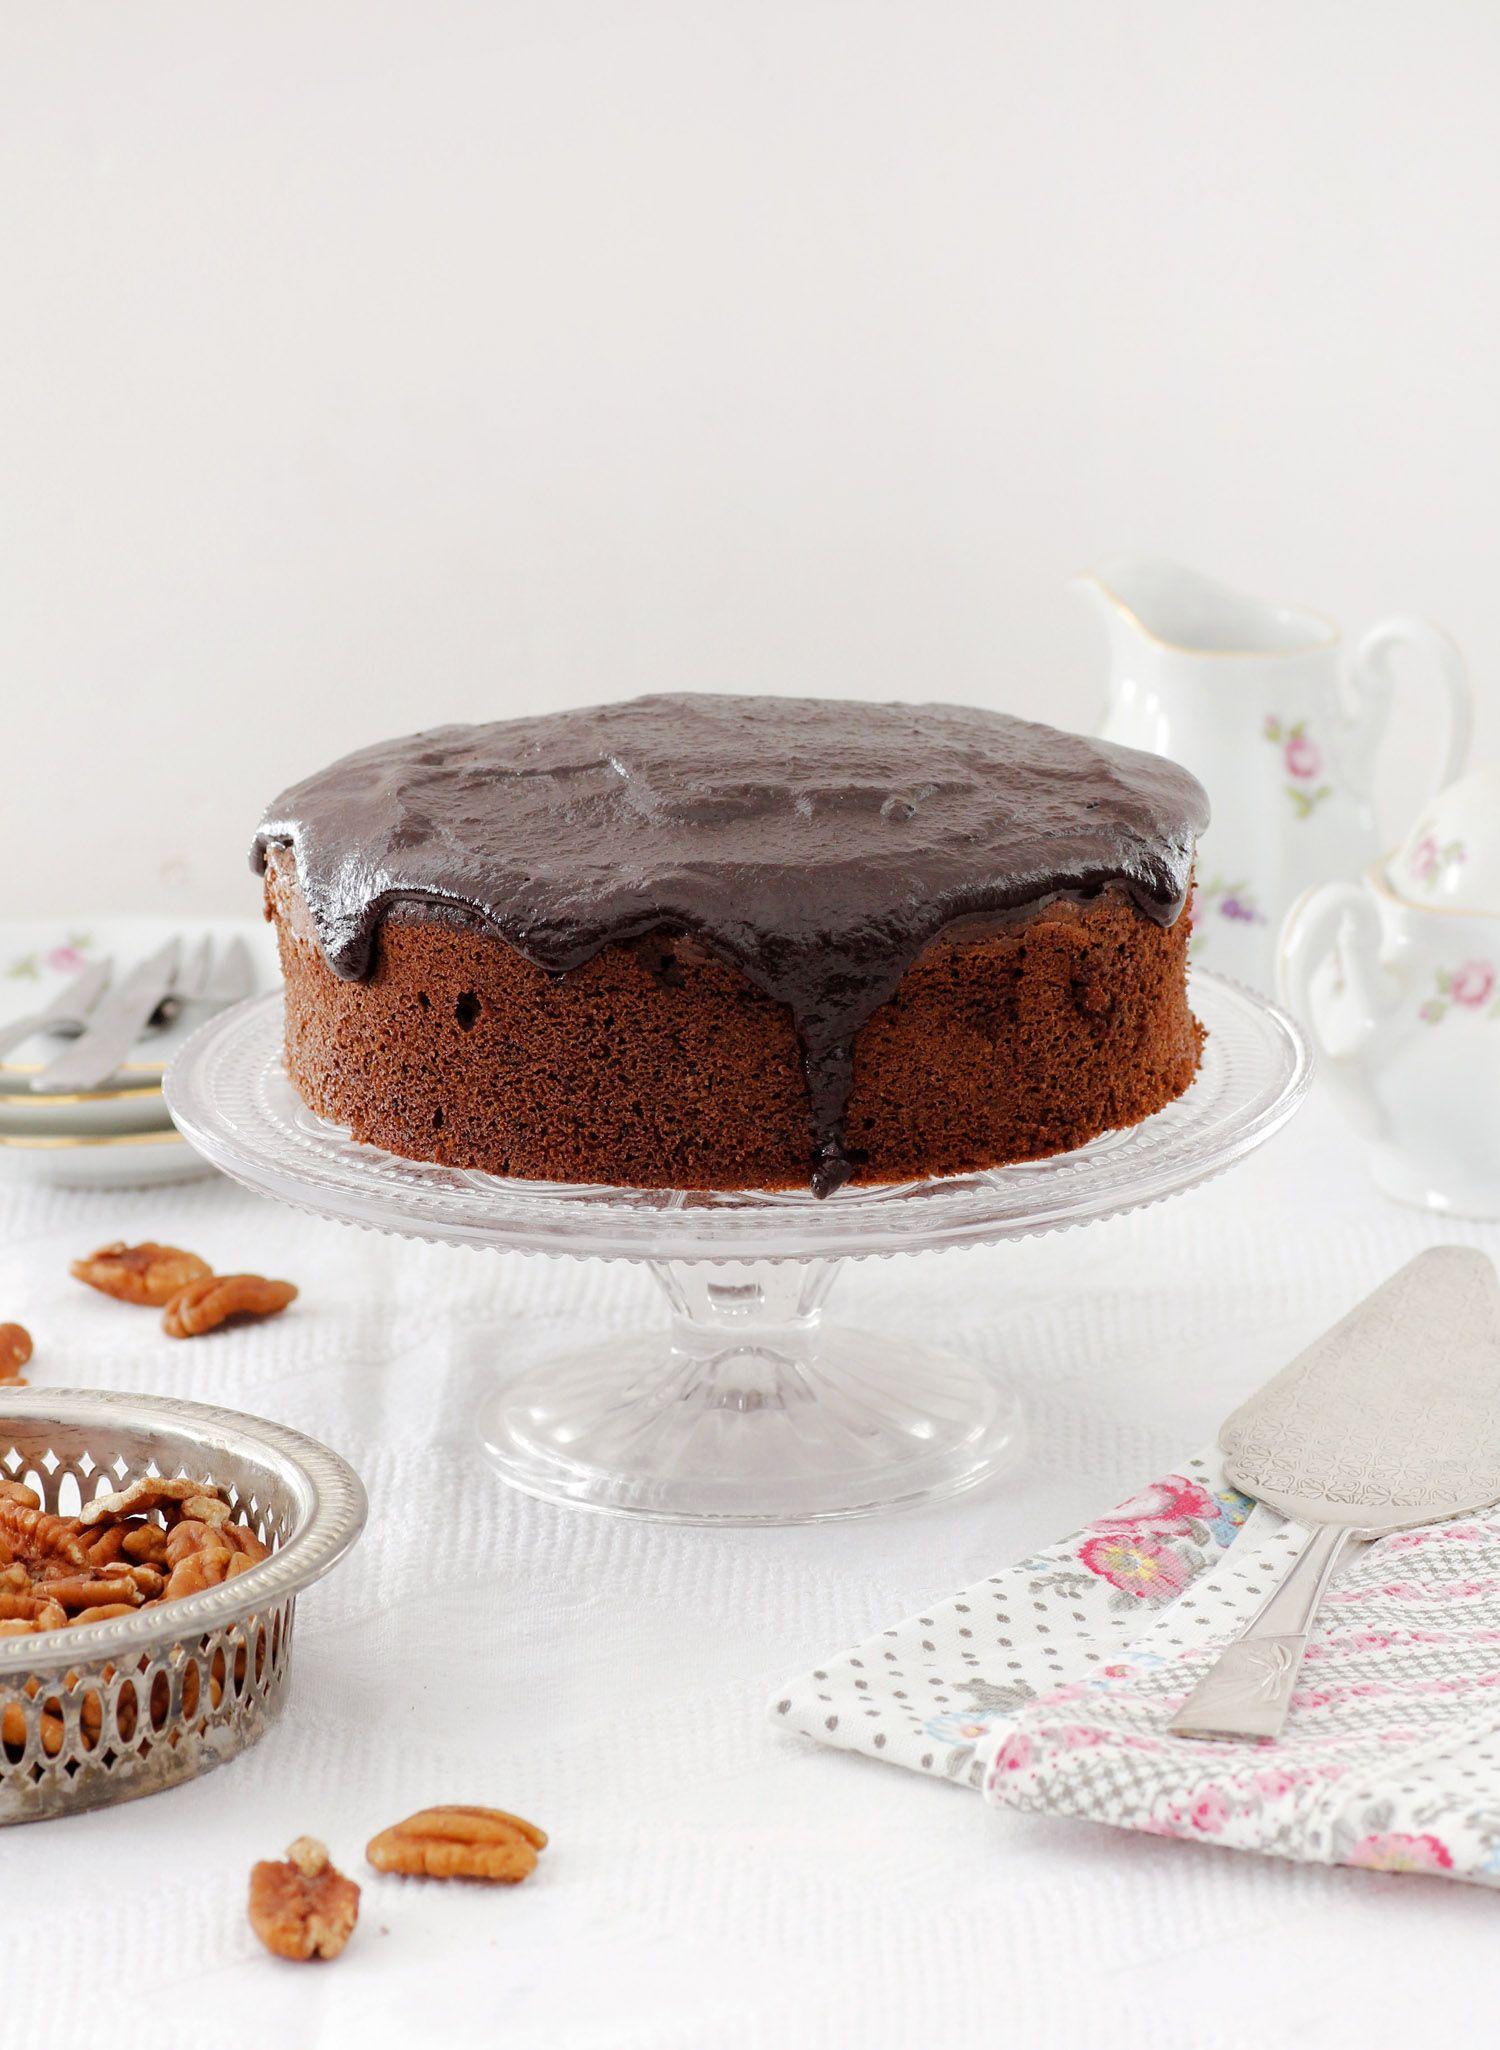 grandmas_chocolate_cake-s